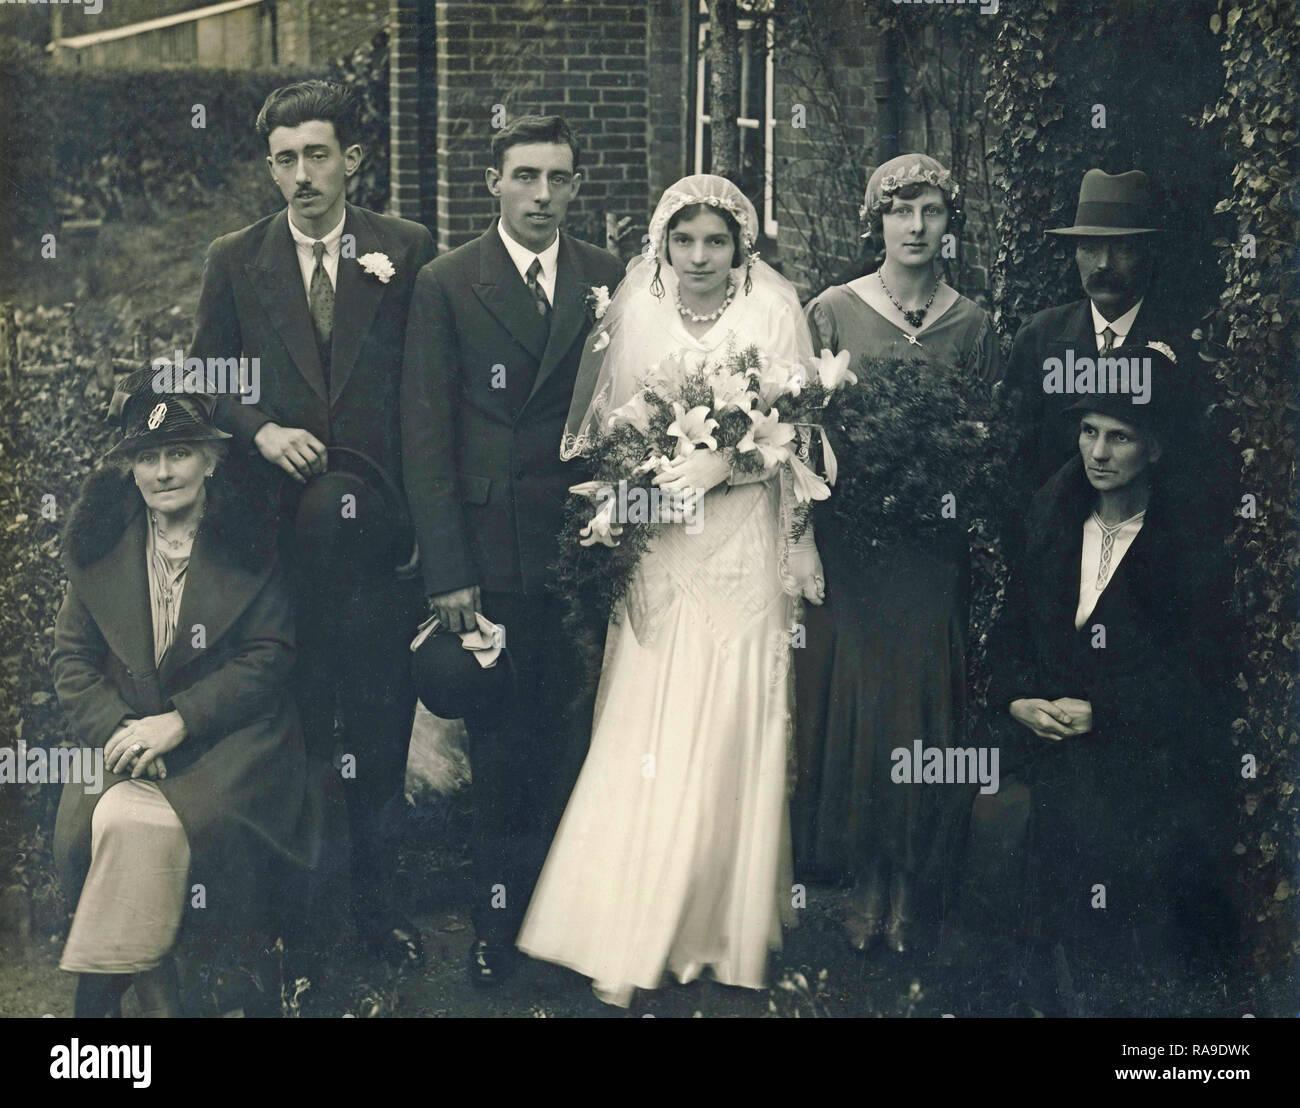 Archivio Storico di immagine del matrimonio, c1930s Immagini Stock